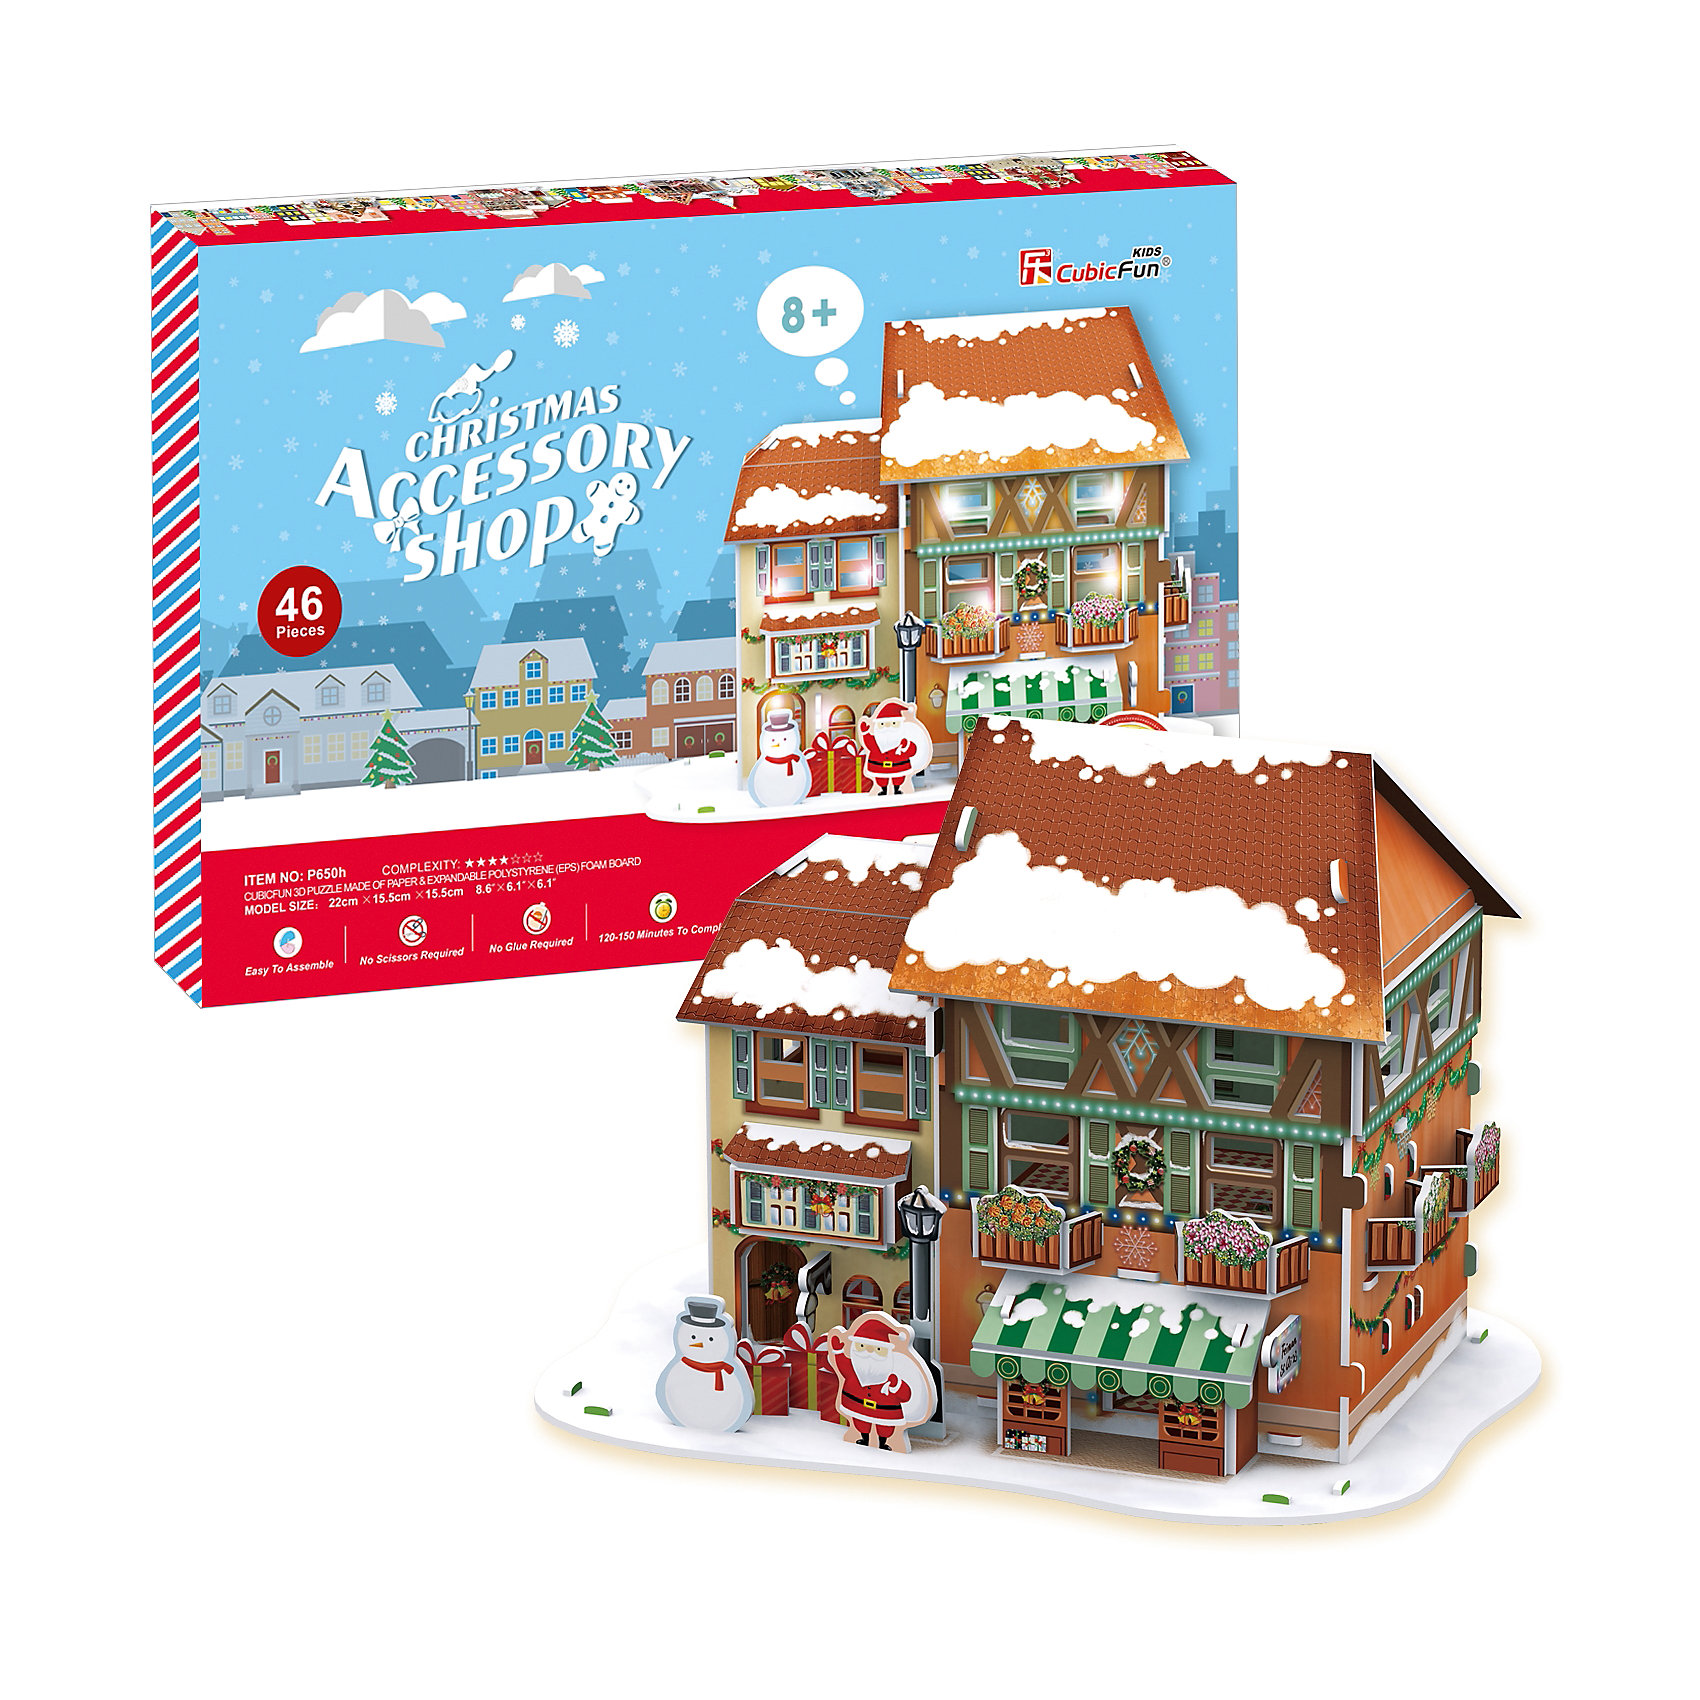 Рождественский домик 4, с подсветкой, CubicFunСказочный рождественский домик  ребенок может смастерить самостоятельно без клея и ножниц.  Детали легко и просто выдавливаются из картона и соединяются между собой с помощью специальных соединительных приспособлений. Этот домик украсит любую детскую комнату. С ним можно играть или просто поставить на полку и любоваться яркой и красивой поделкой. Игрушка помогает в развитии логики и творческих способностей ребенка, помогает в формировании мышления, речи, внимания, восприятия и воображения; развивает моторику рук; расширяет кругозор ребенка и стимулирует к познанию новой информации.<br><br>Дополнительная информация:<br><br>- Материал: ламинированный поликартон.<br>- Комплектация: детали пазла, инструкция, база со светодиодами.<br>- Элемент питания: 3 ААА батарейки (не входят в комплект).<br>- Размер в собранном виде: 22 х 15,5 х 15,5 см.<br>- Количество деталей: 46 шт.<br>- Обучающая, яркая и реалистичная модель.<br>- Идеально и легко собирается без инструментов.<br>- Увлекательный игровой процесс.<br><br>Рождественский домик 4, с подсветкой, CubicFun, можно купить в нашем магазине.<br><br>Ширина мм: 340<br>Глубина мм: 220<br>Высота мм: 25<br>Вес г: 304<br>Возраст от месяцев: 72<br>Возраст до месяцев: 192<br>Пол: Унисекс<br>Возраст: Детский<br>SKU: 4278438